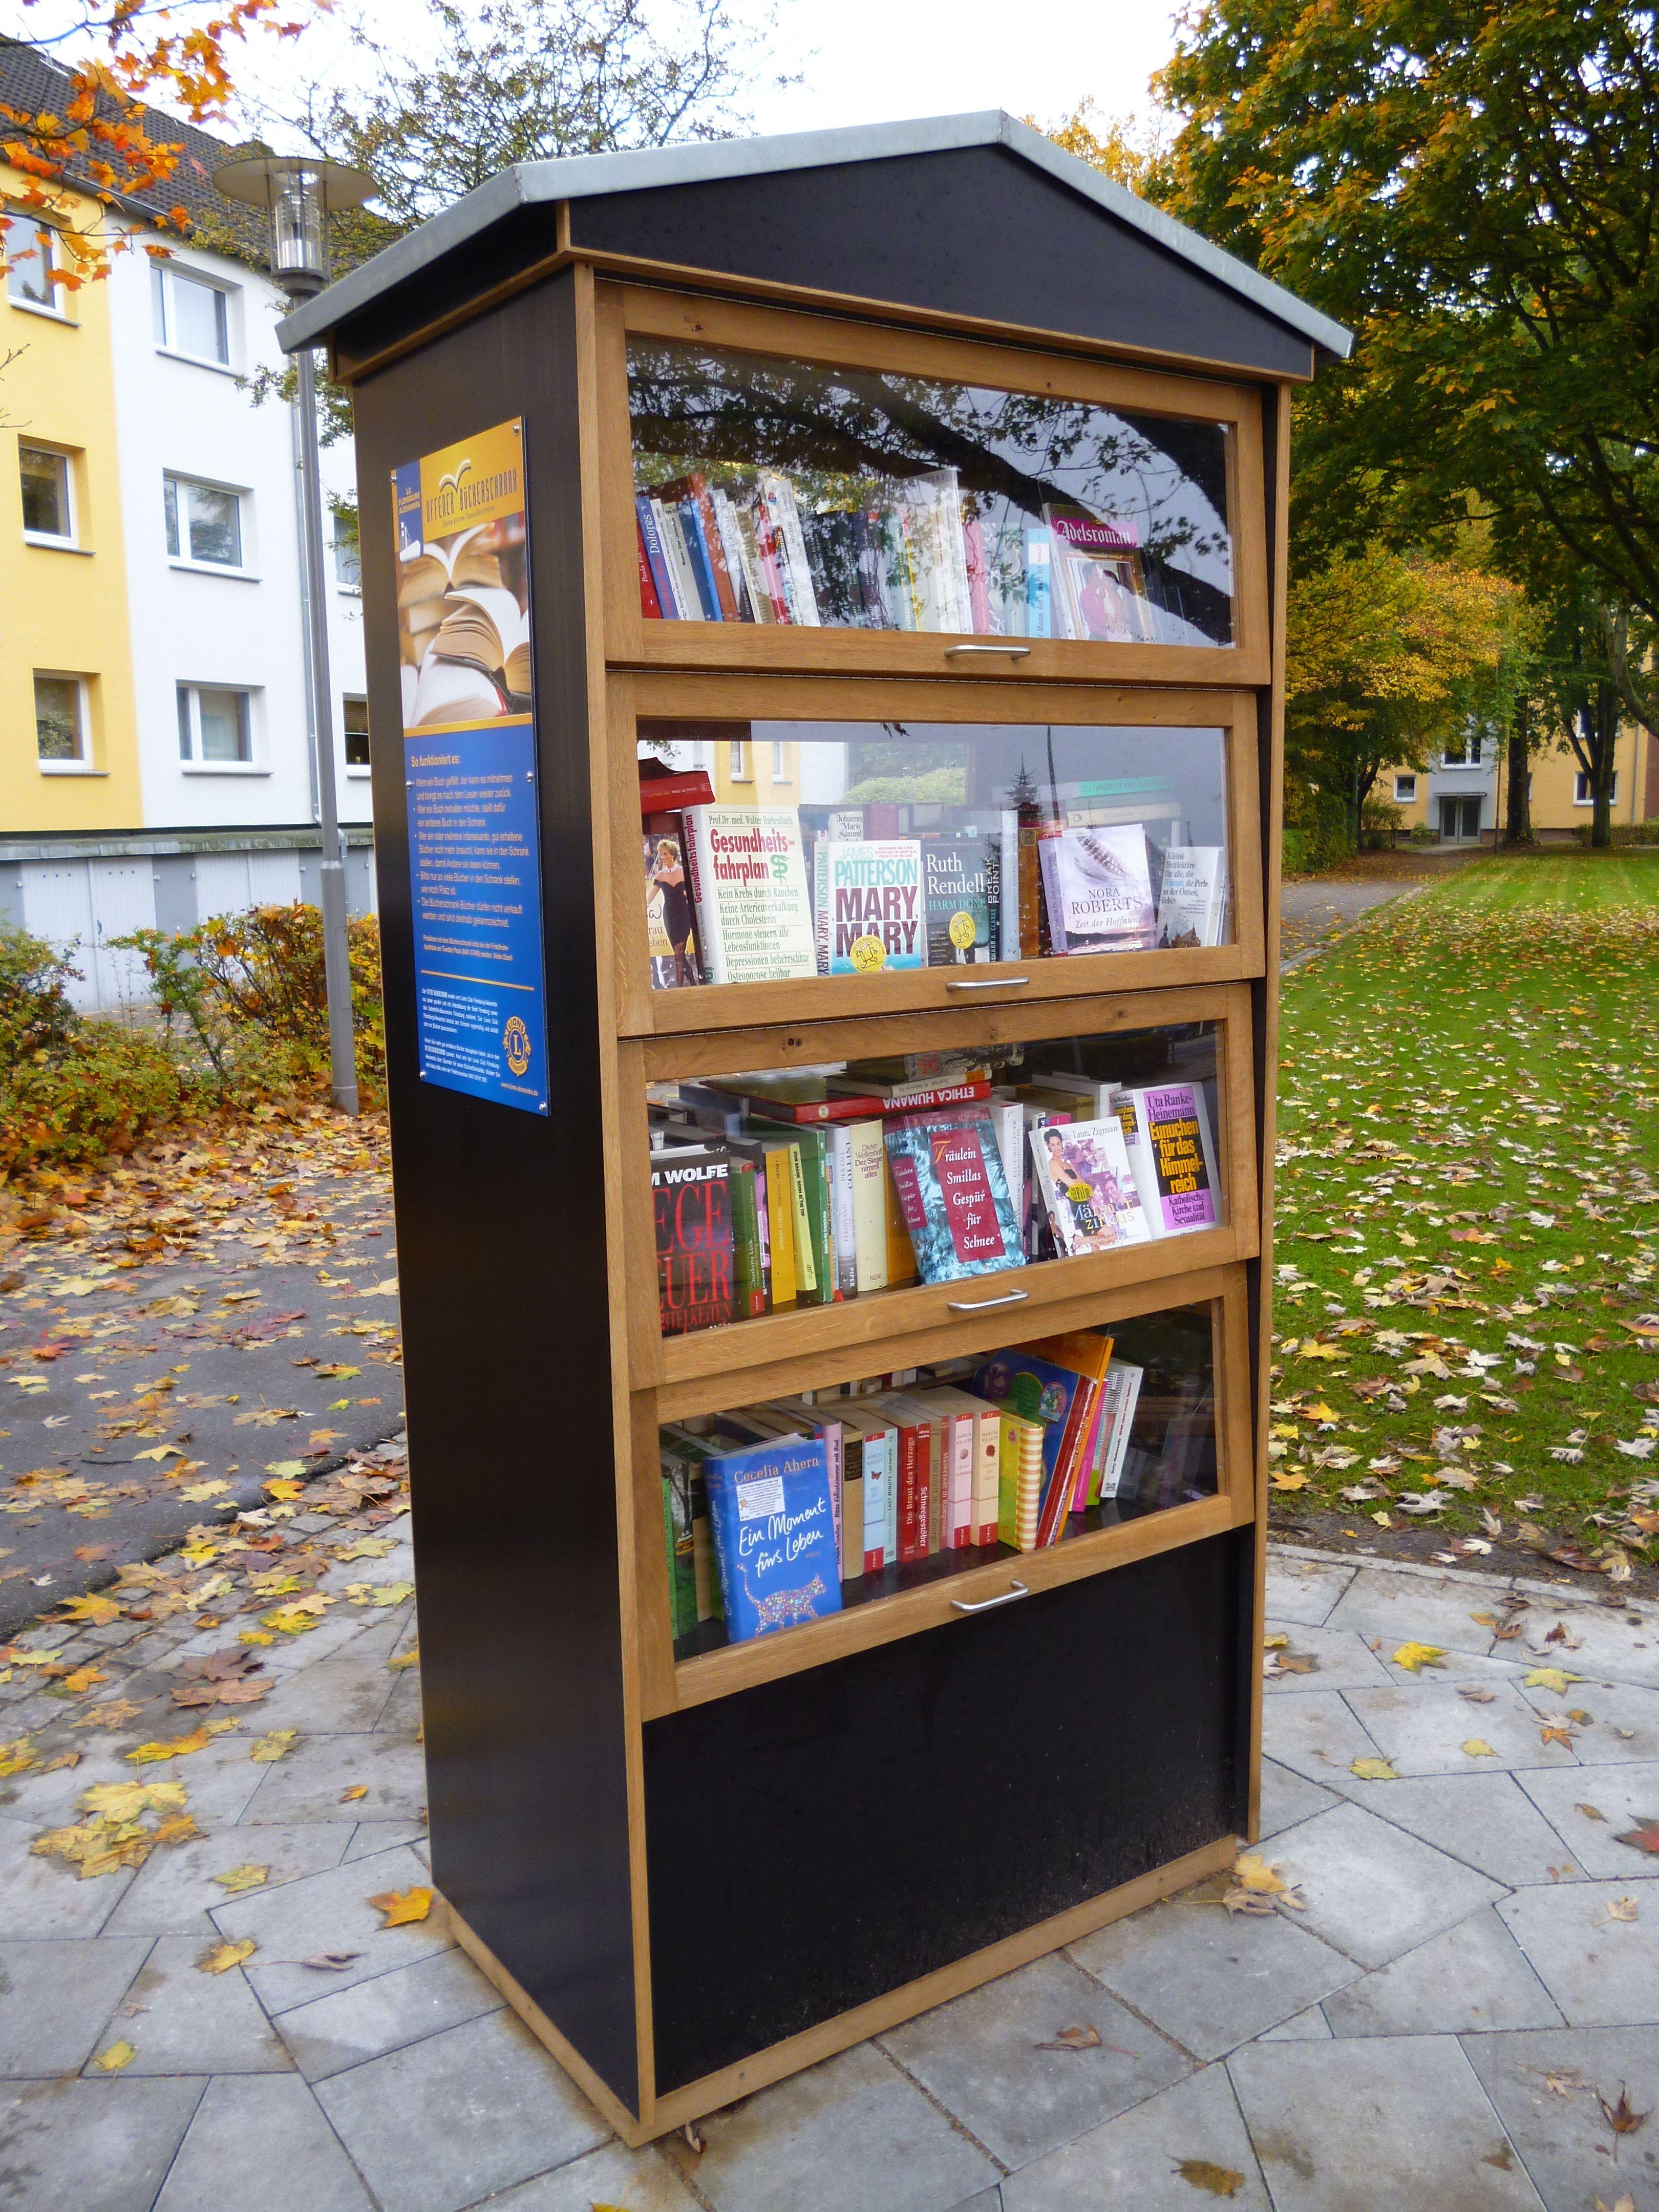 Bücherschrank Flensburg Marrensdamm.jpg